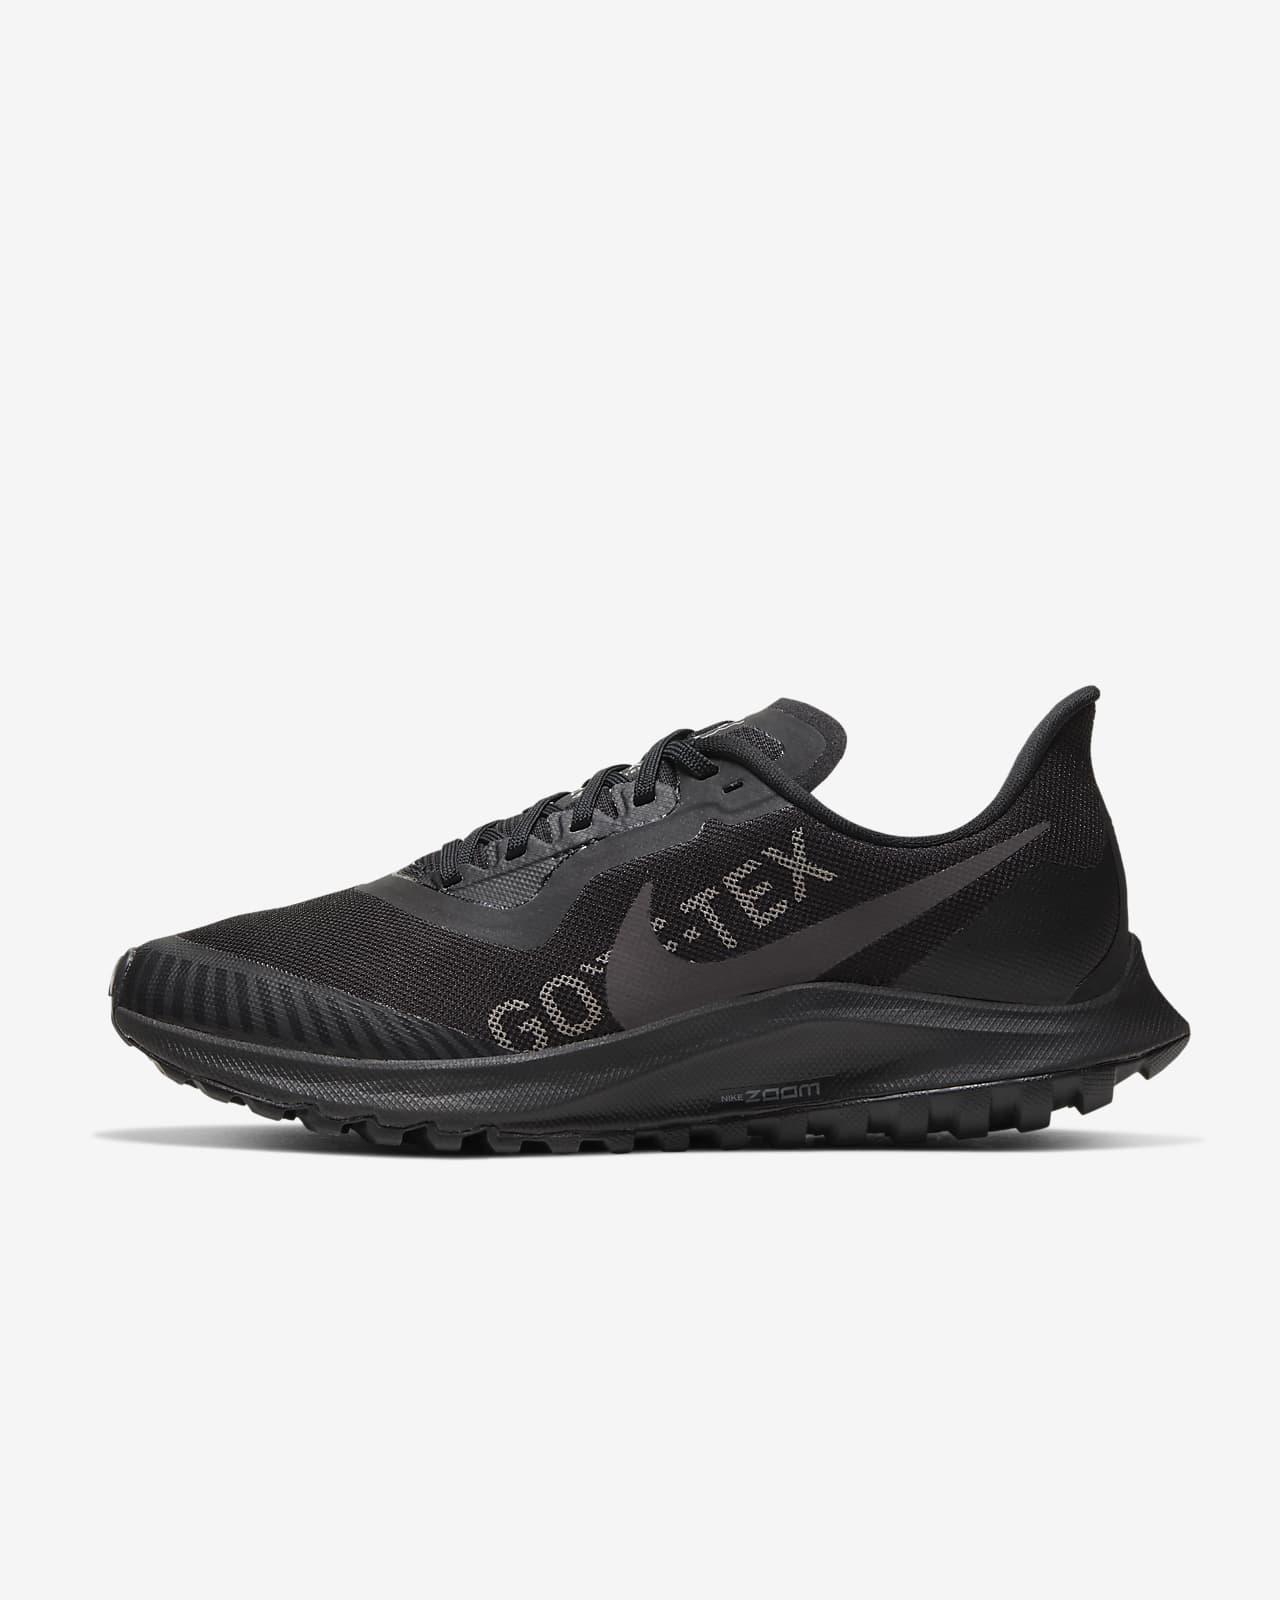 Chaussure de running sur sentier Nike Zoom Pegasus 36 Trail GORE TEX pour Femme